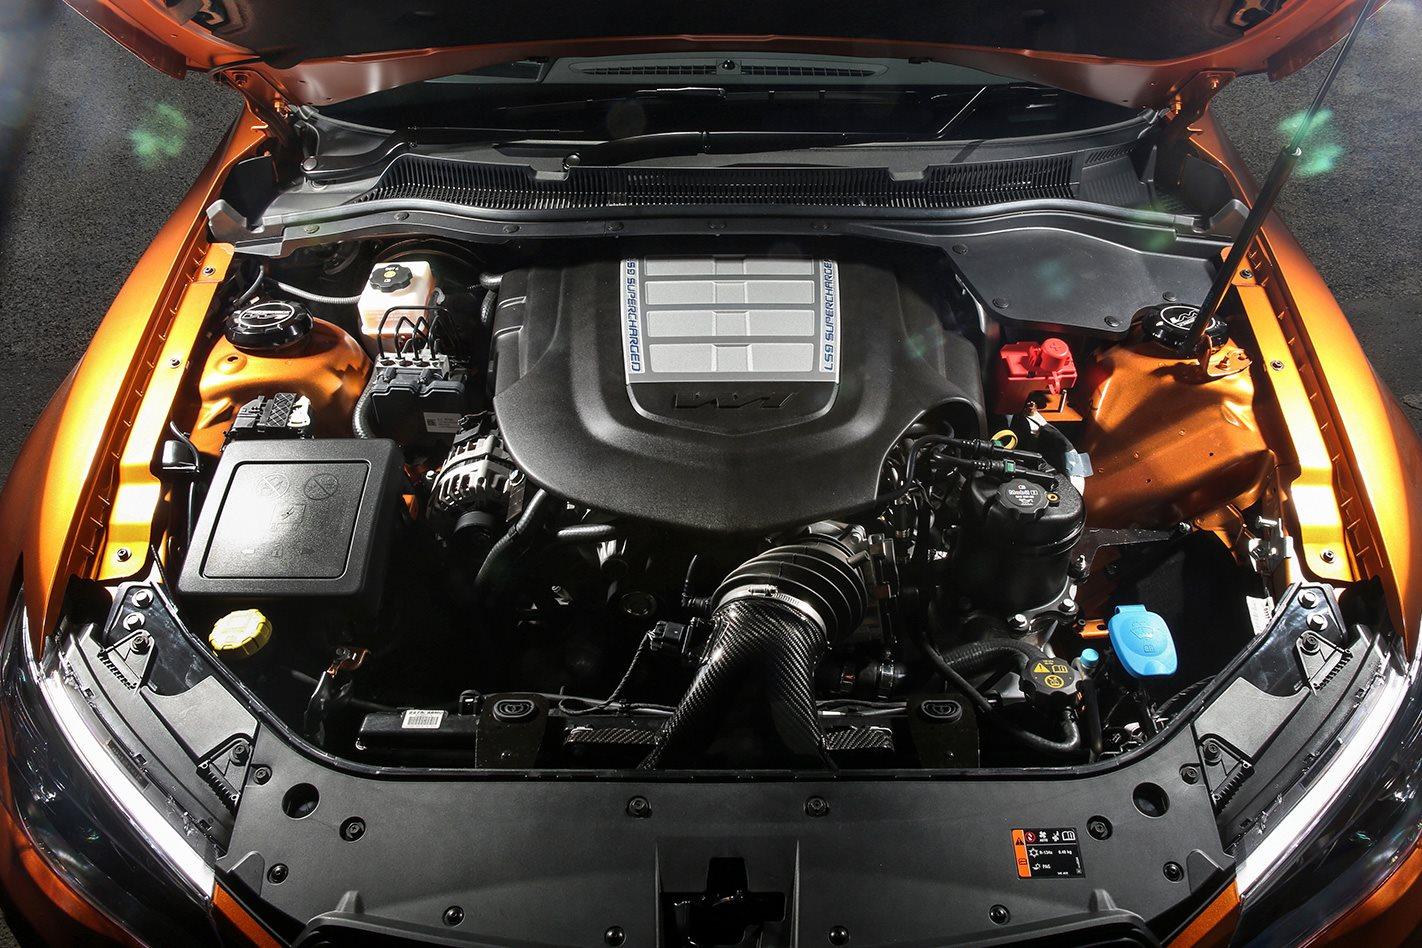 HSV W1 engine